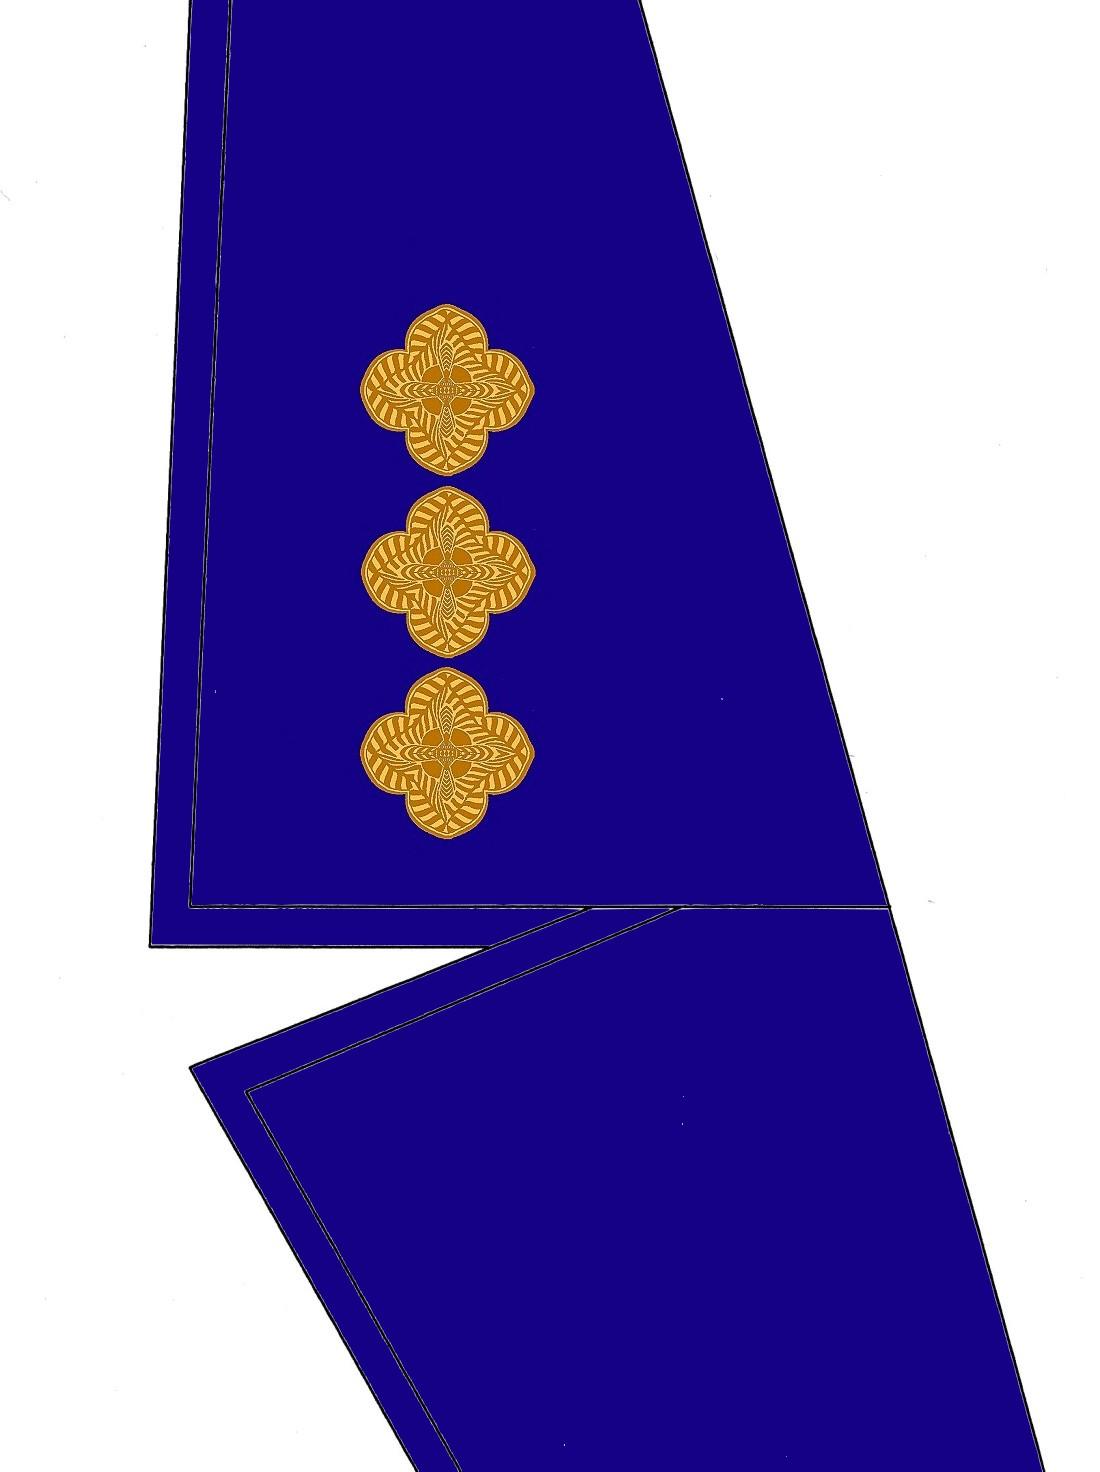 14-kragen-rangabzeichen-hauptmann-hg-blau